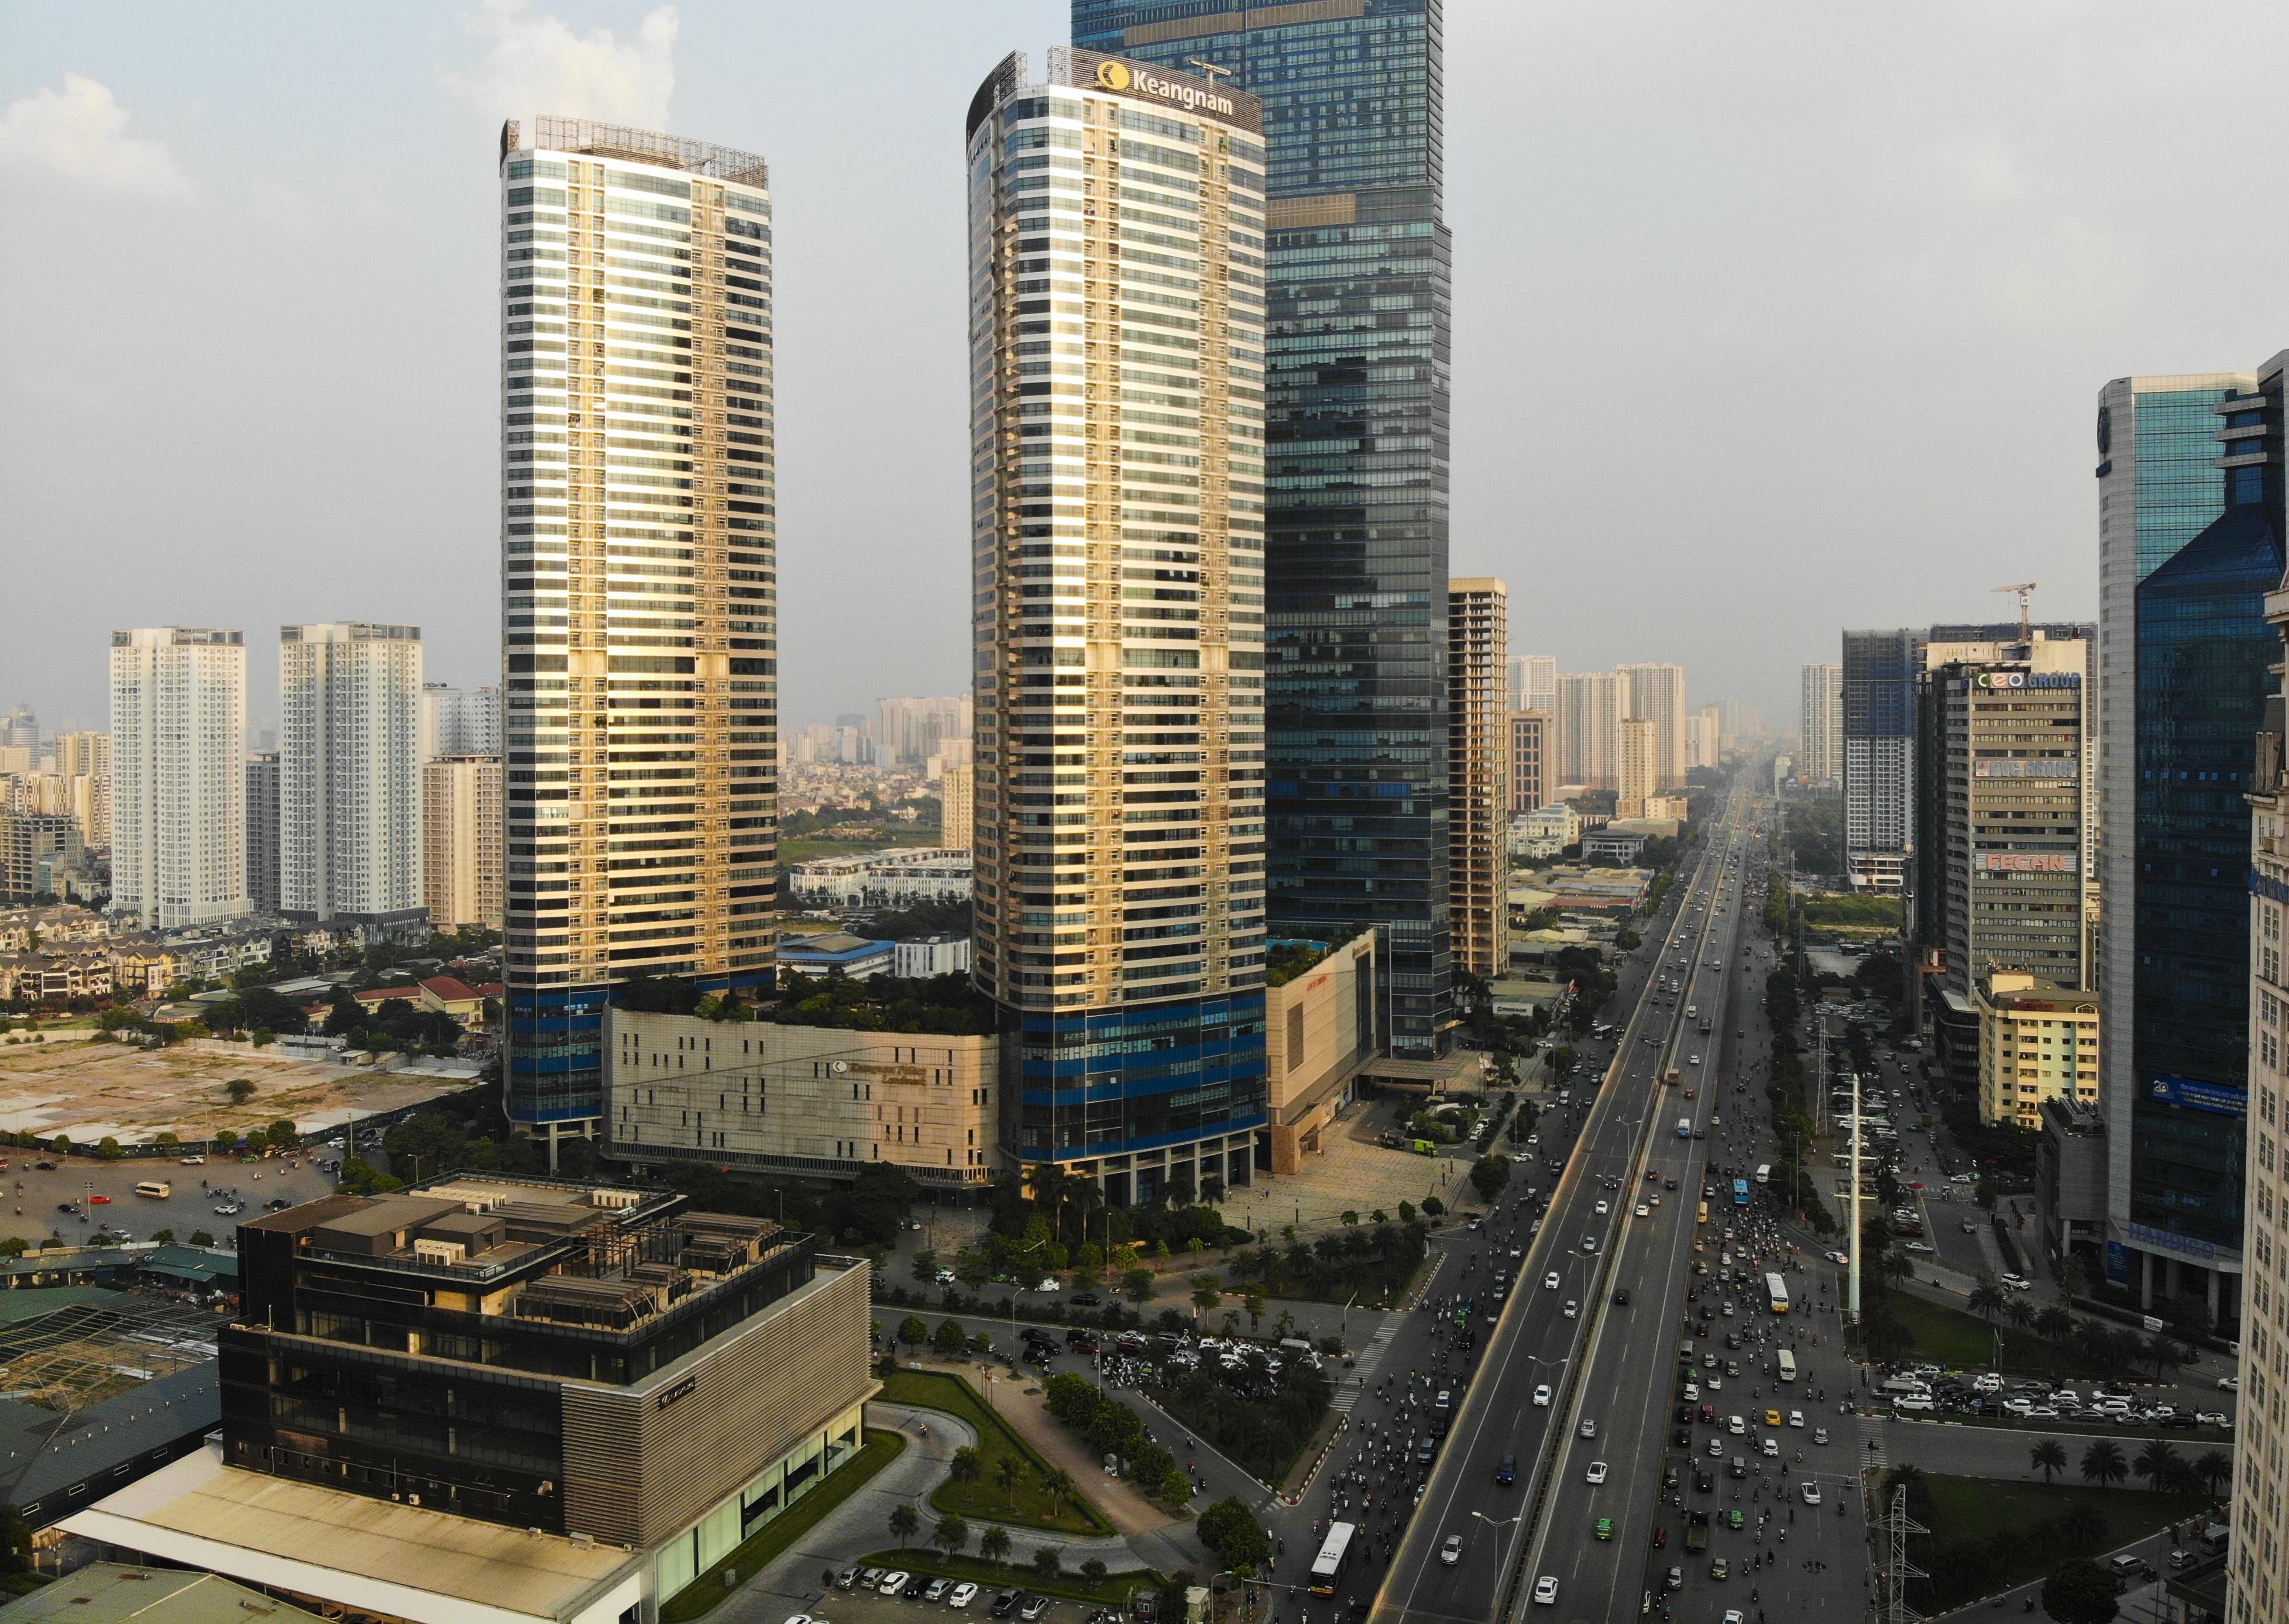 Những hình ảnh của 4 tòa nhà cao nhất Hà Nội nhìn từ trên cao - 9